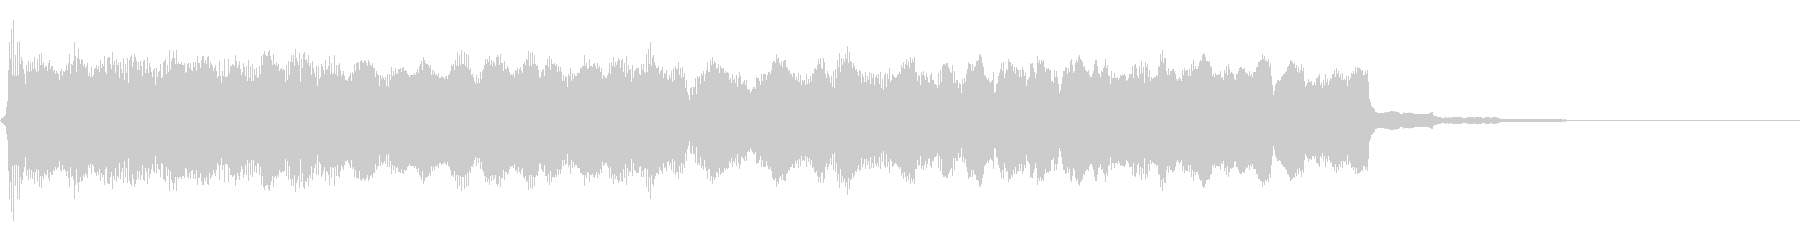 ロックブルースバンパー7の未再生の波形